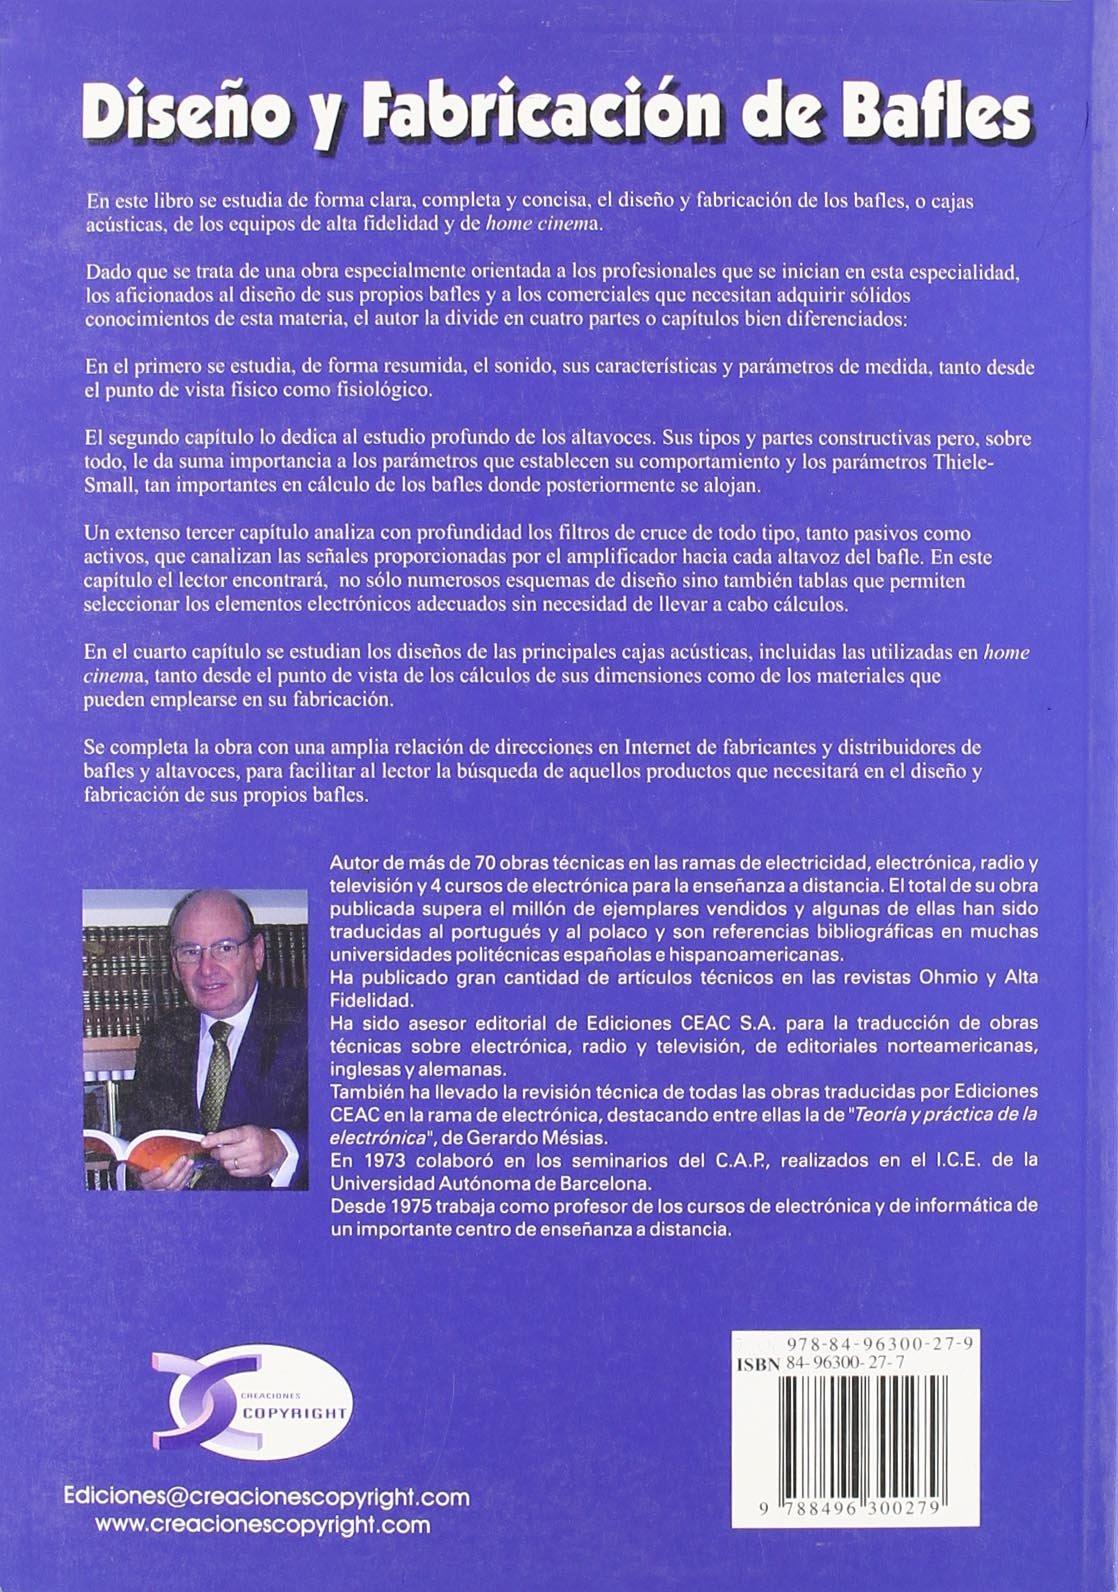 Diseño Y Fabricacion De Bafles: Francisco Ruiz Vasallo: 9788496300279: Amazon.com: Books